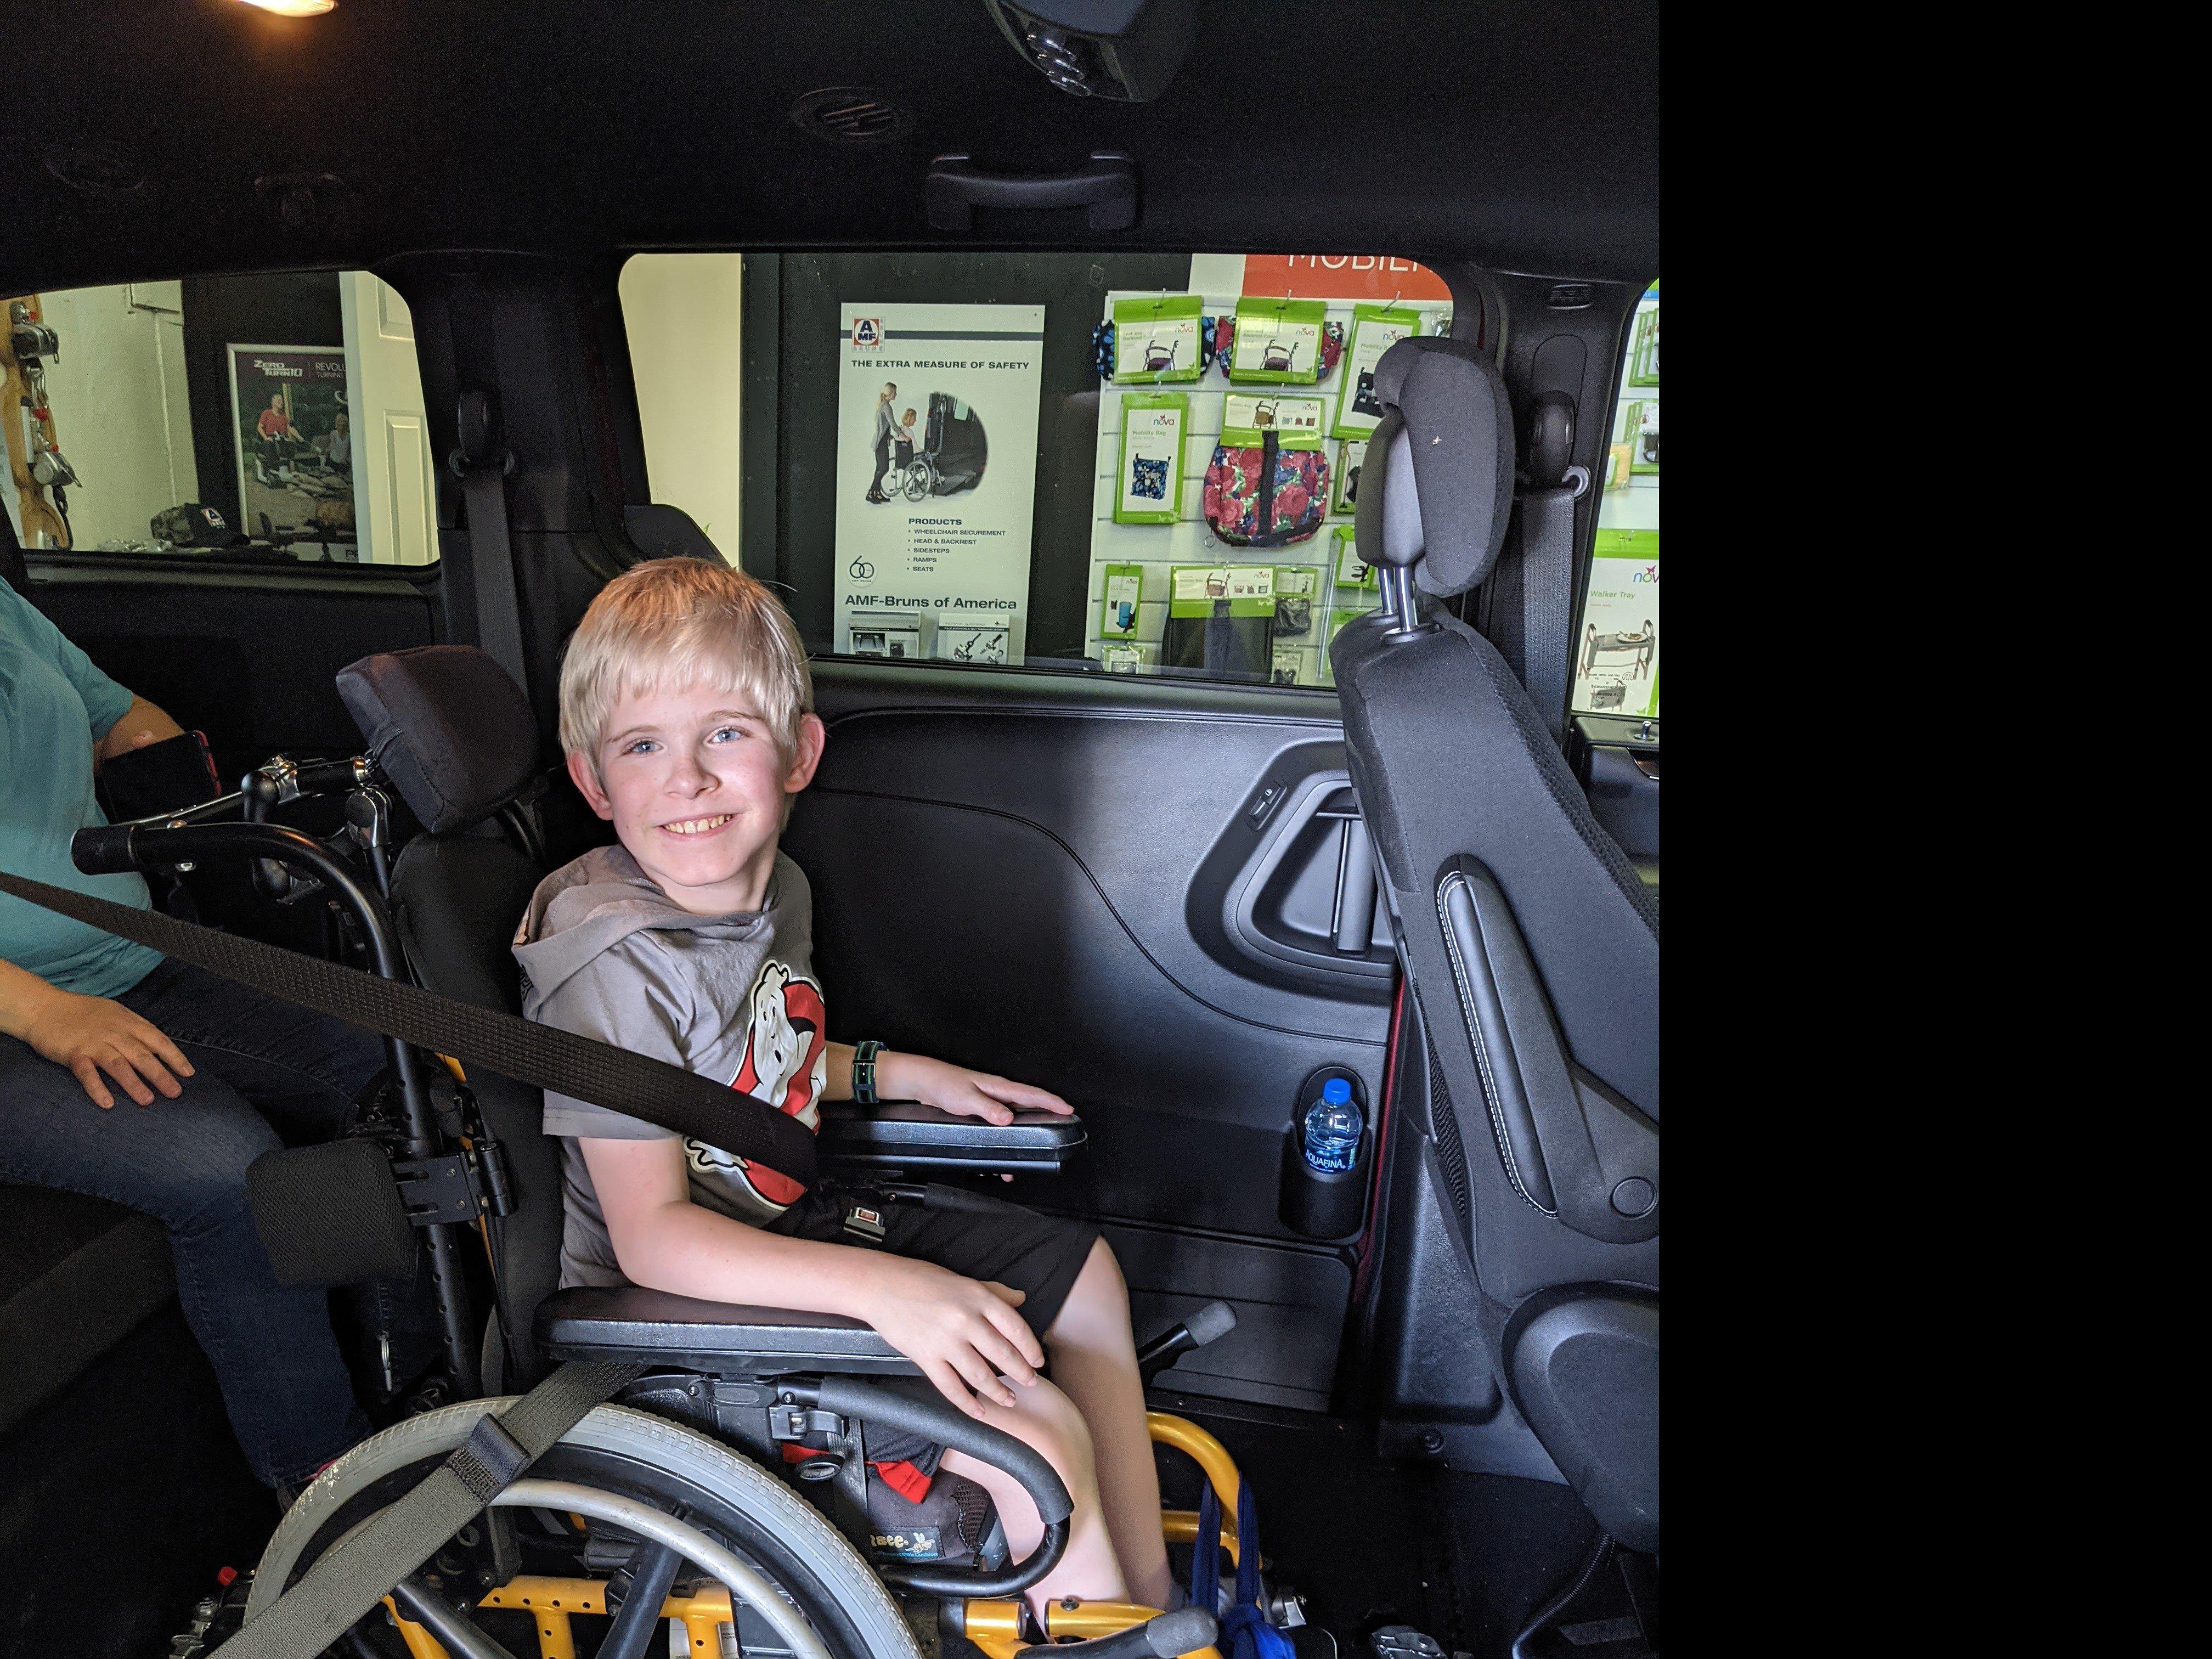 Patrick in a Wheelchair Van